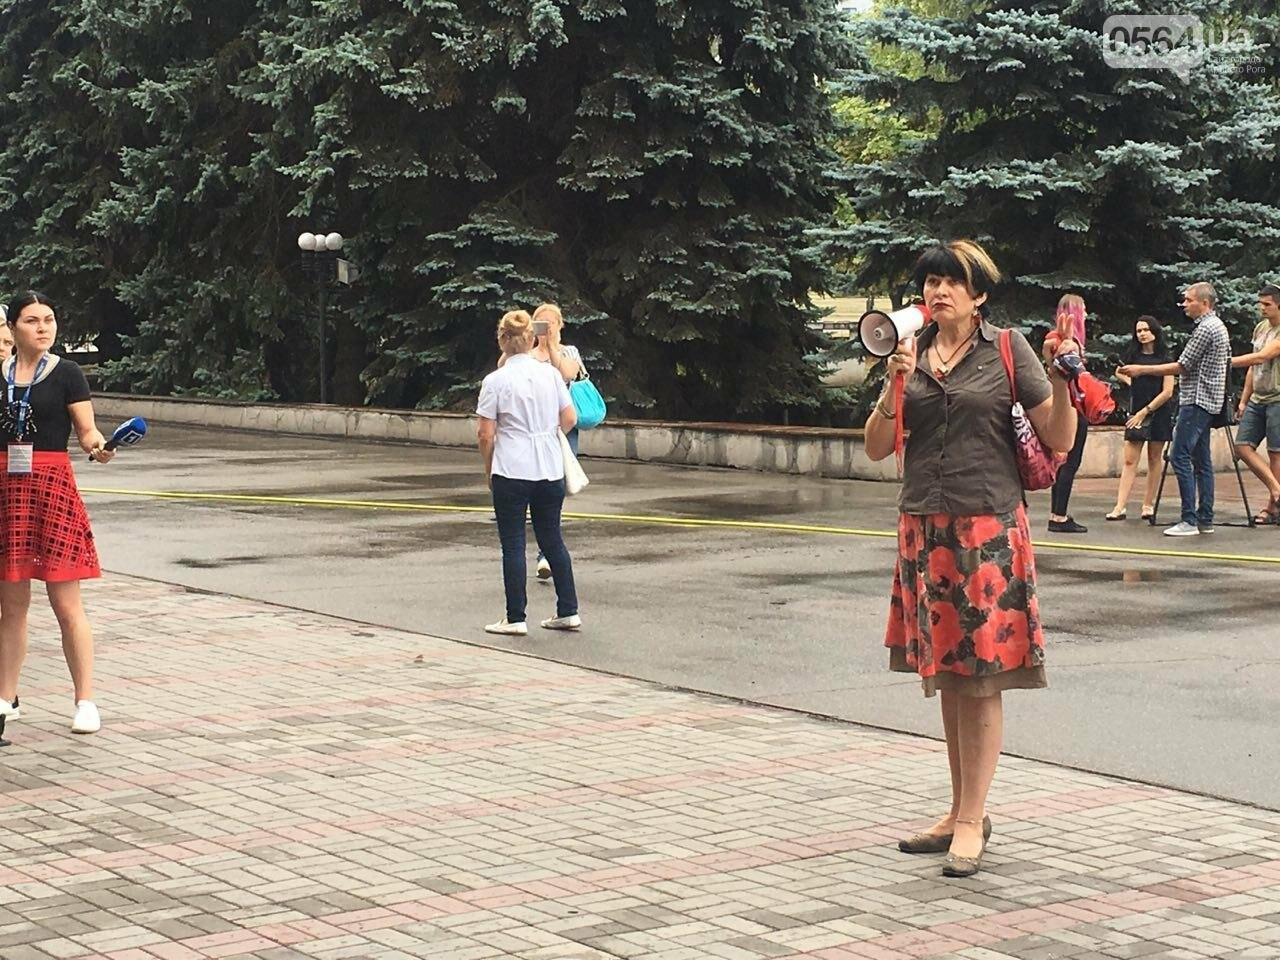 """В Кривом Роге под дождем проходит зоозащитная акция """"Украина - не живодерня!"""", - ФОТО, ВИДЕО, фото-24"""